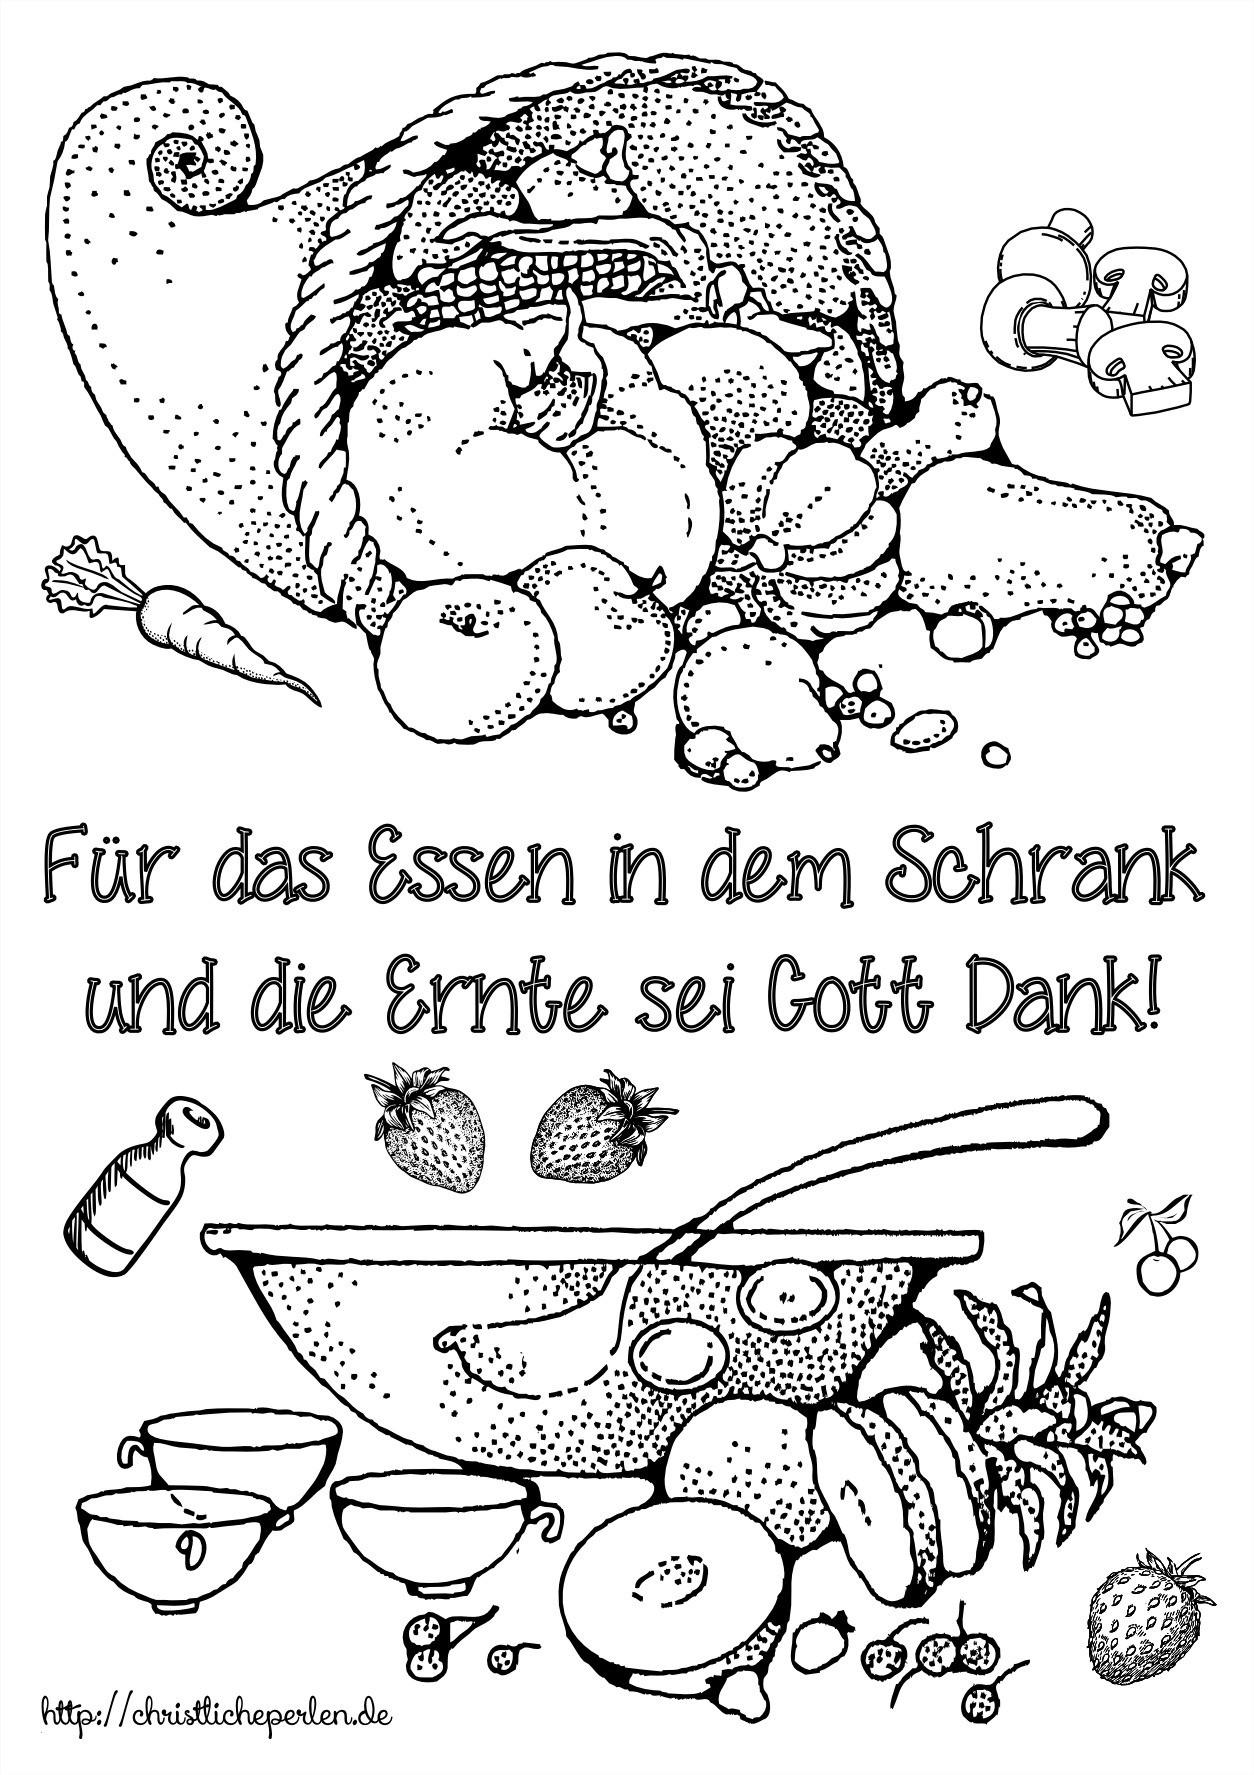 Jakob Und Esau Ausmalbilder Frisch Ausmalbilder Noten Genial Ausmalbild Erntedank Religionspädagogik Bild